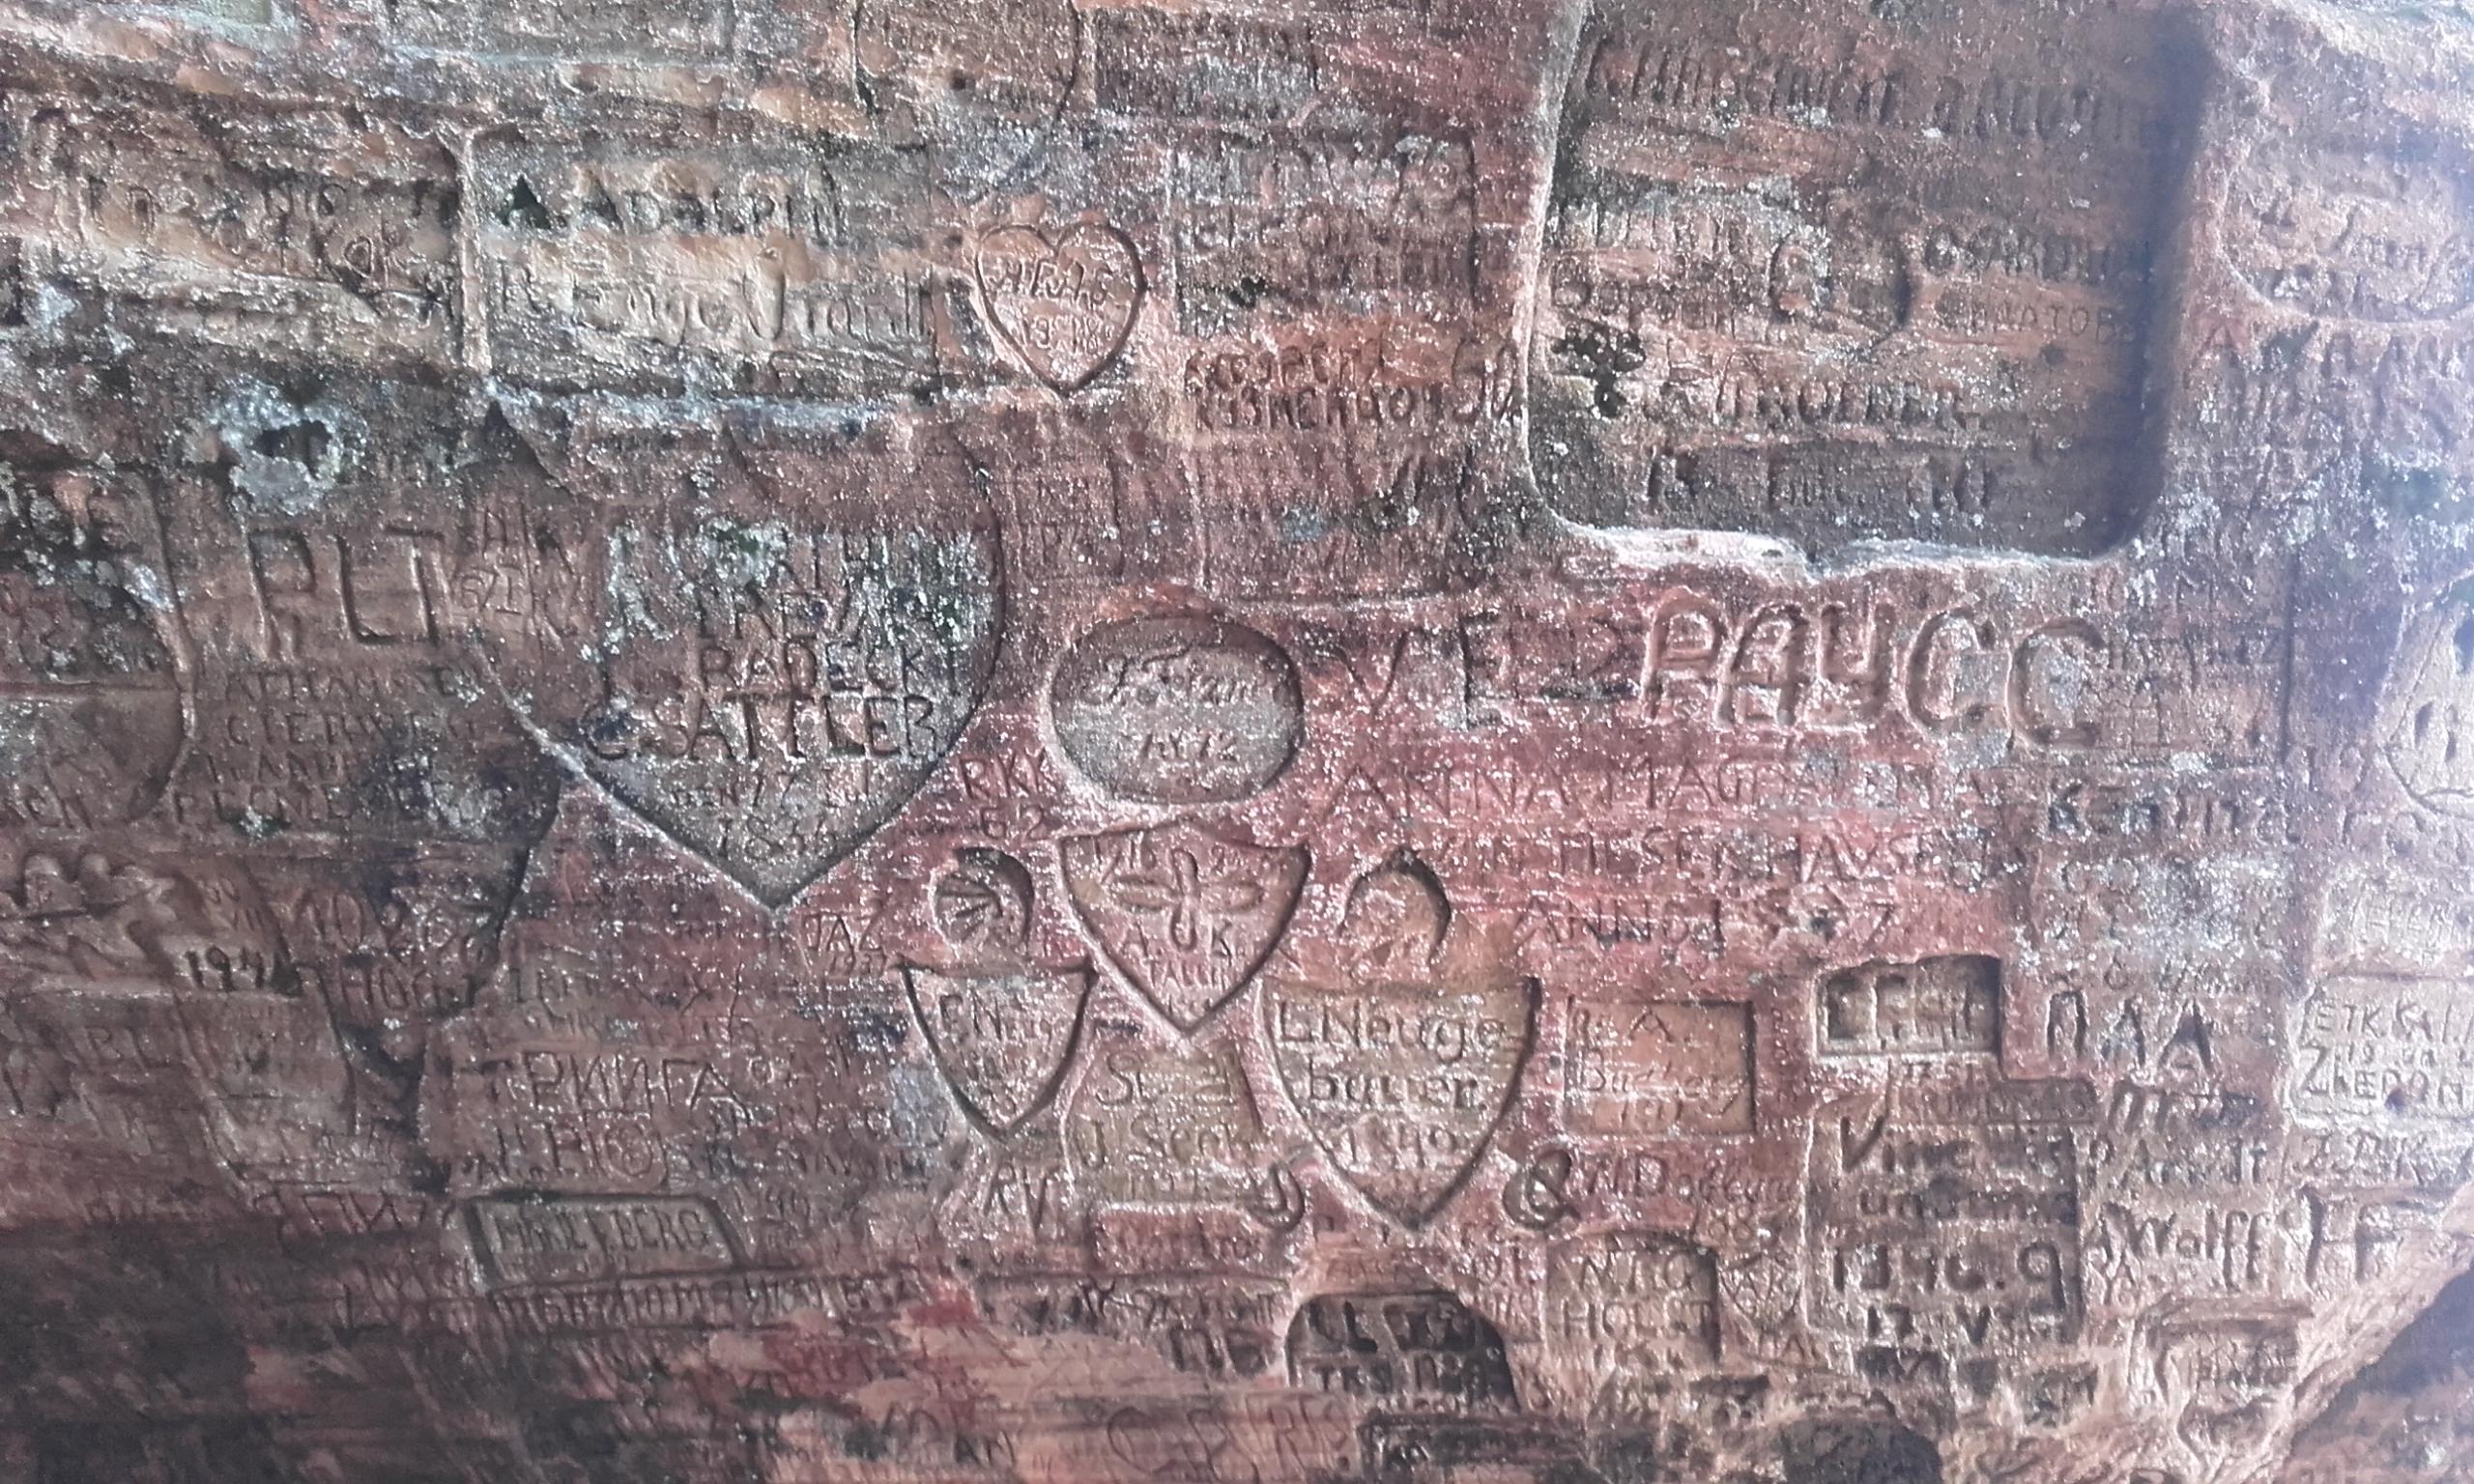 Inscripciones de enamorados en la Cueva de Gutmanis